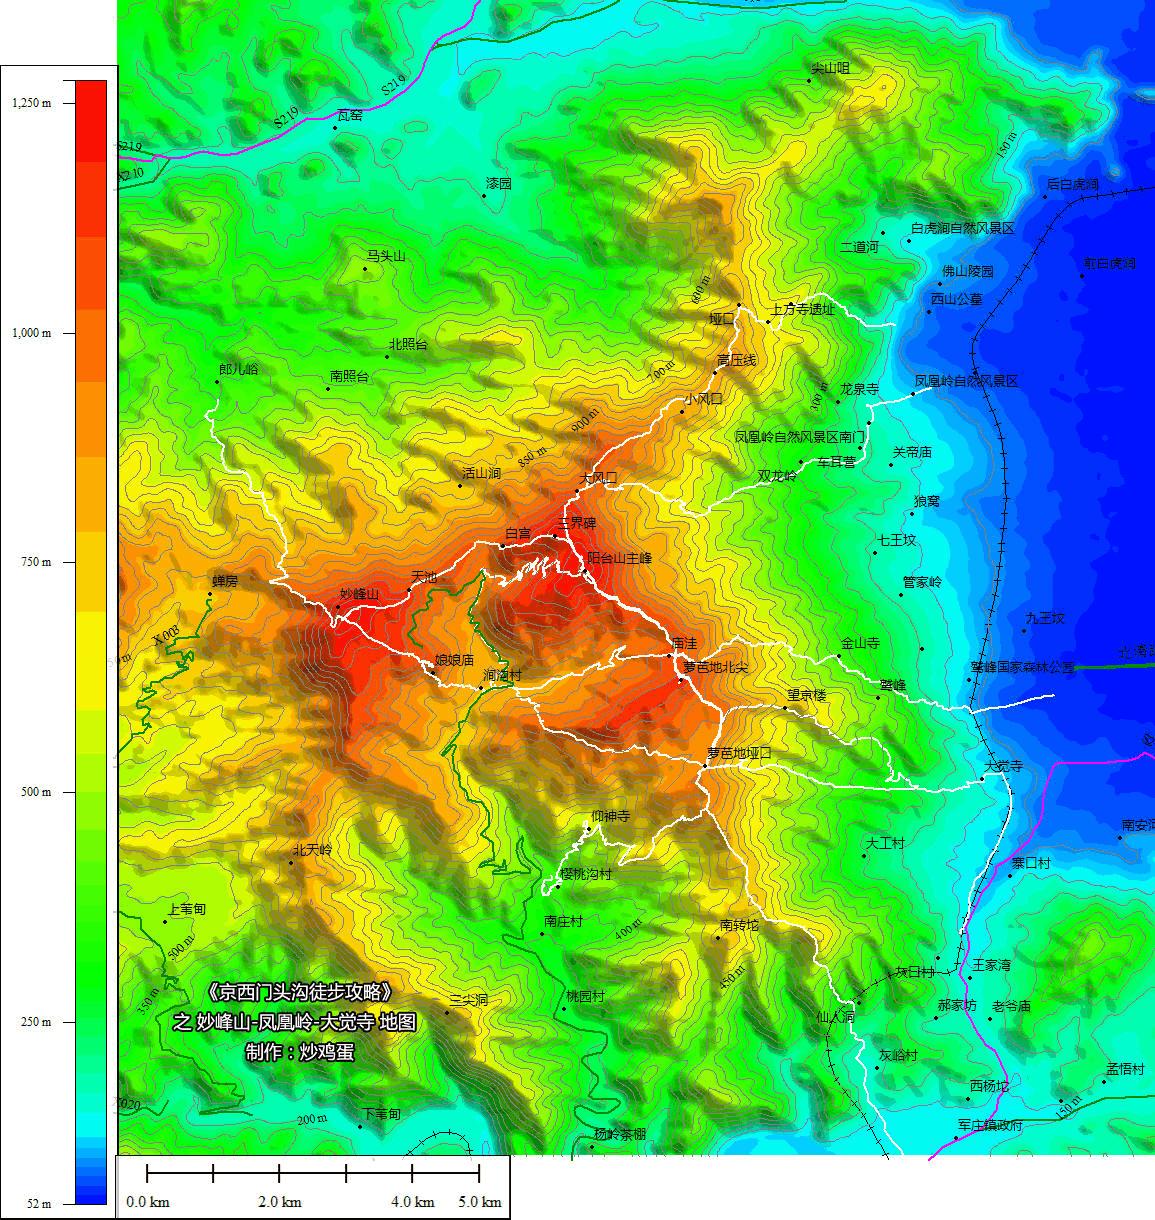 妙峰山、阳台山、凤凰岭、大觉寺周边地图